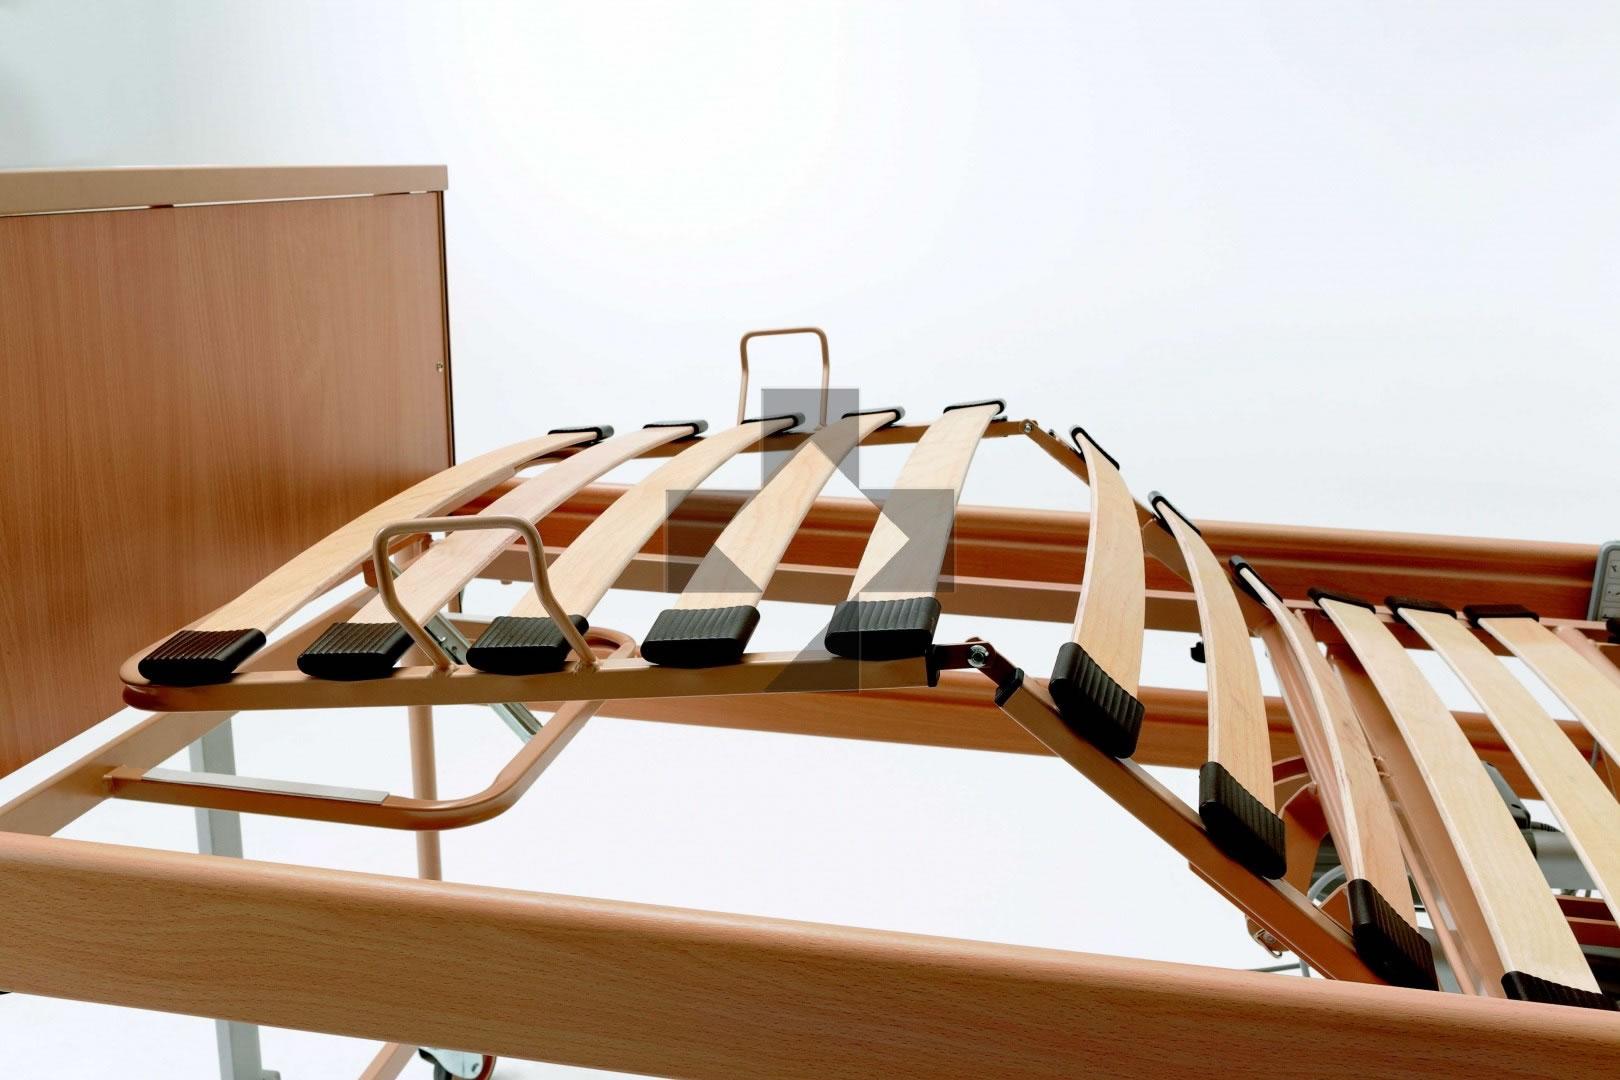 Letti elettrici e letti e ausili letto ortopedico elettrico con